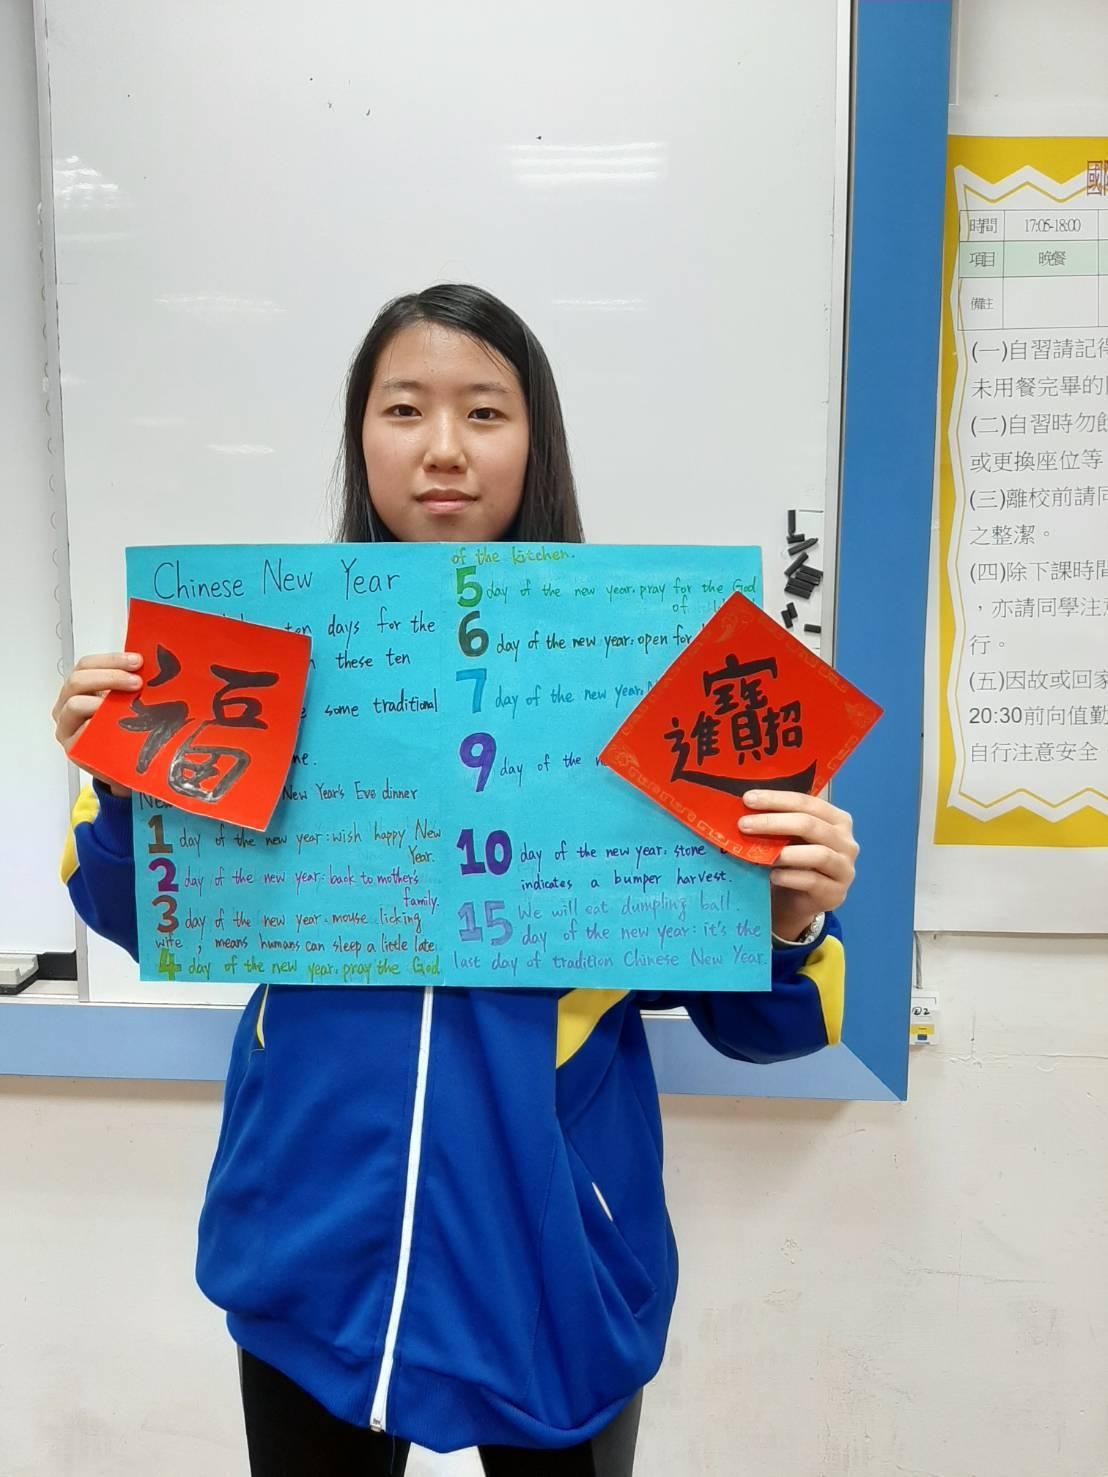 葛佳源同學選修課選擇與未來想念科系有關的「國際識讀」課程。圖/葛佳源提供